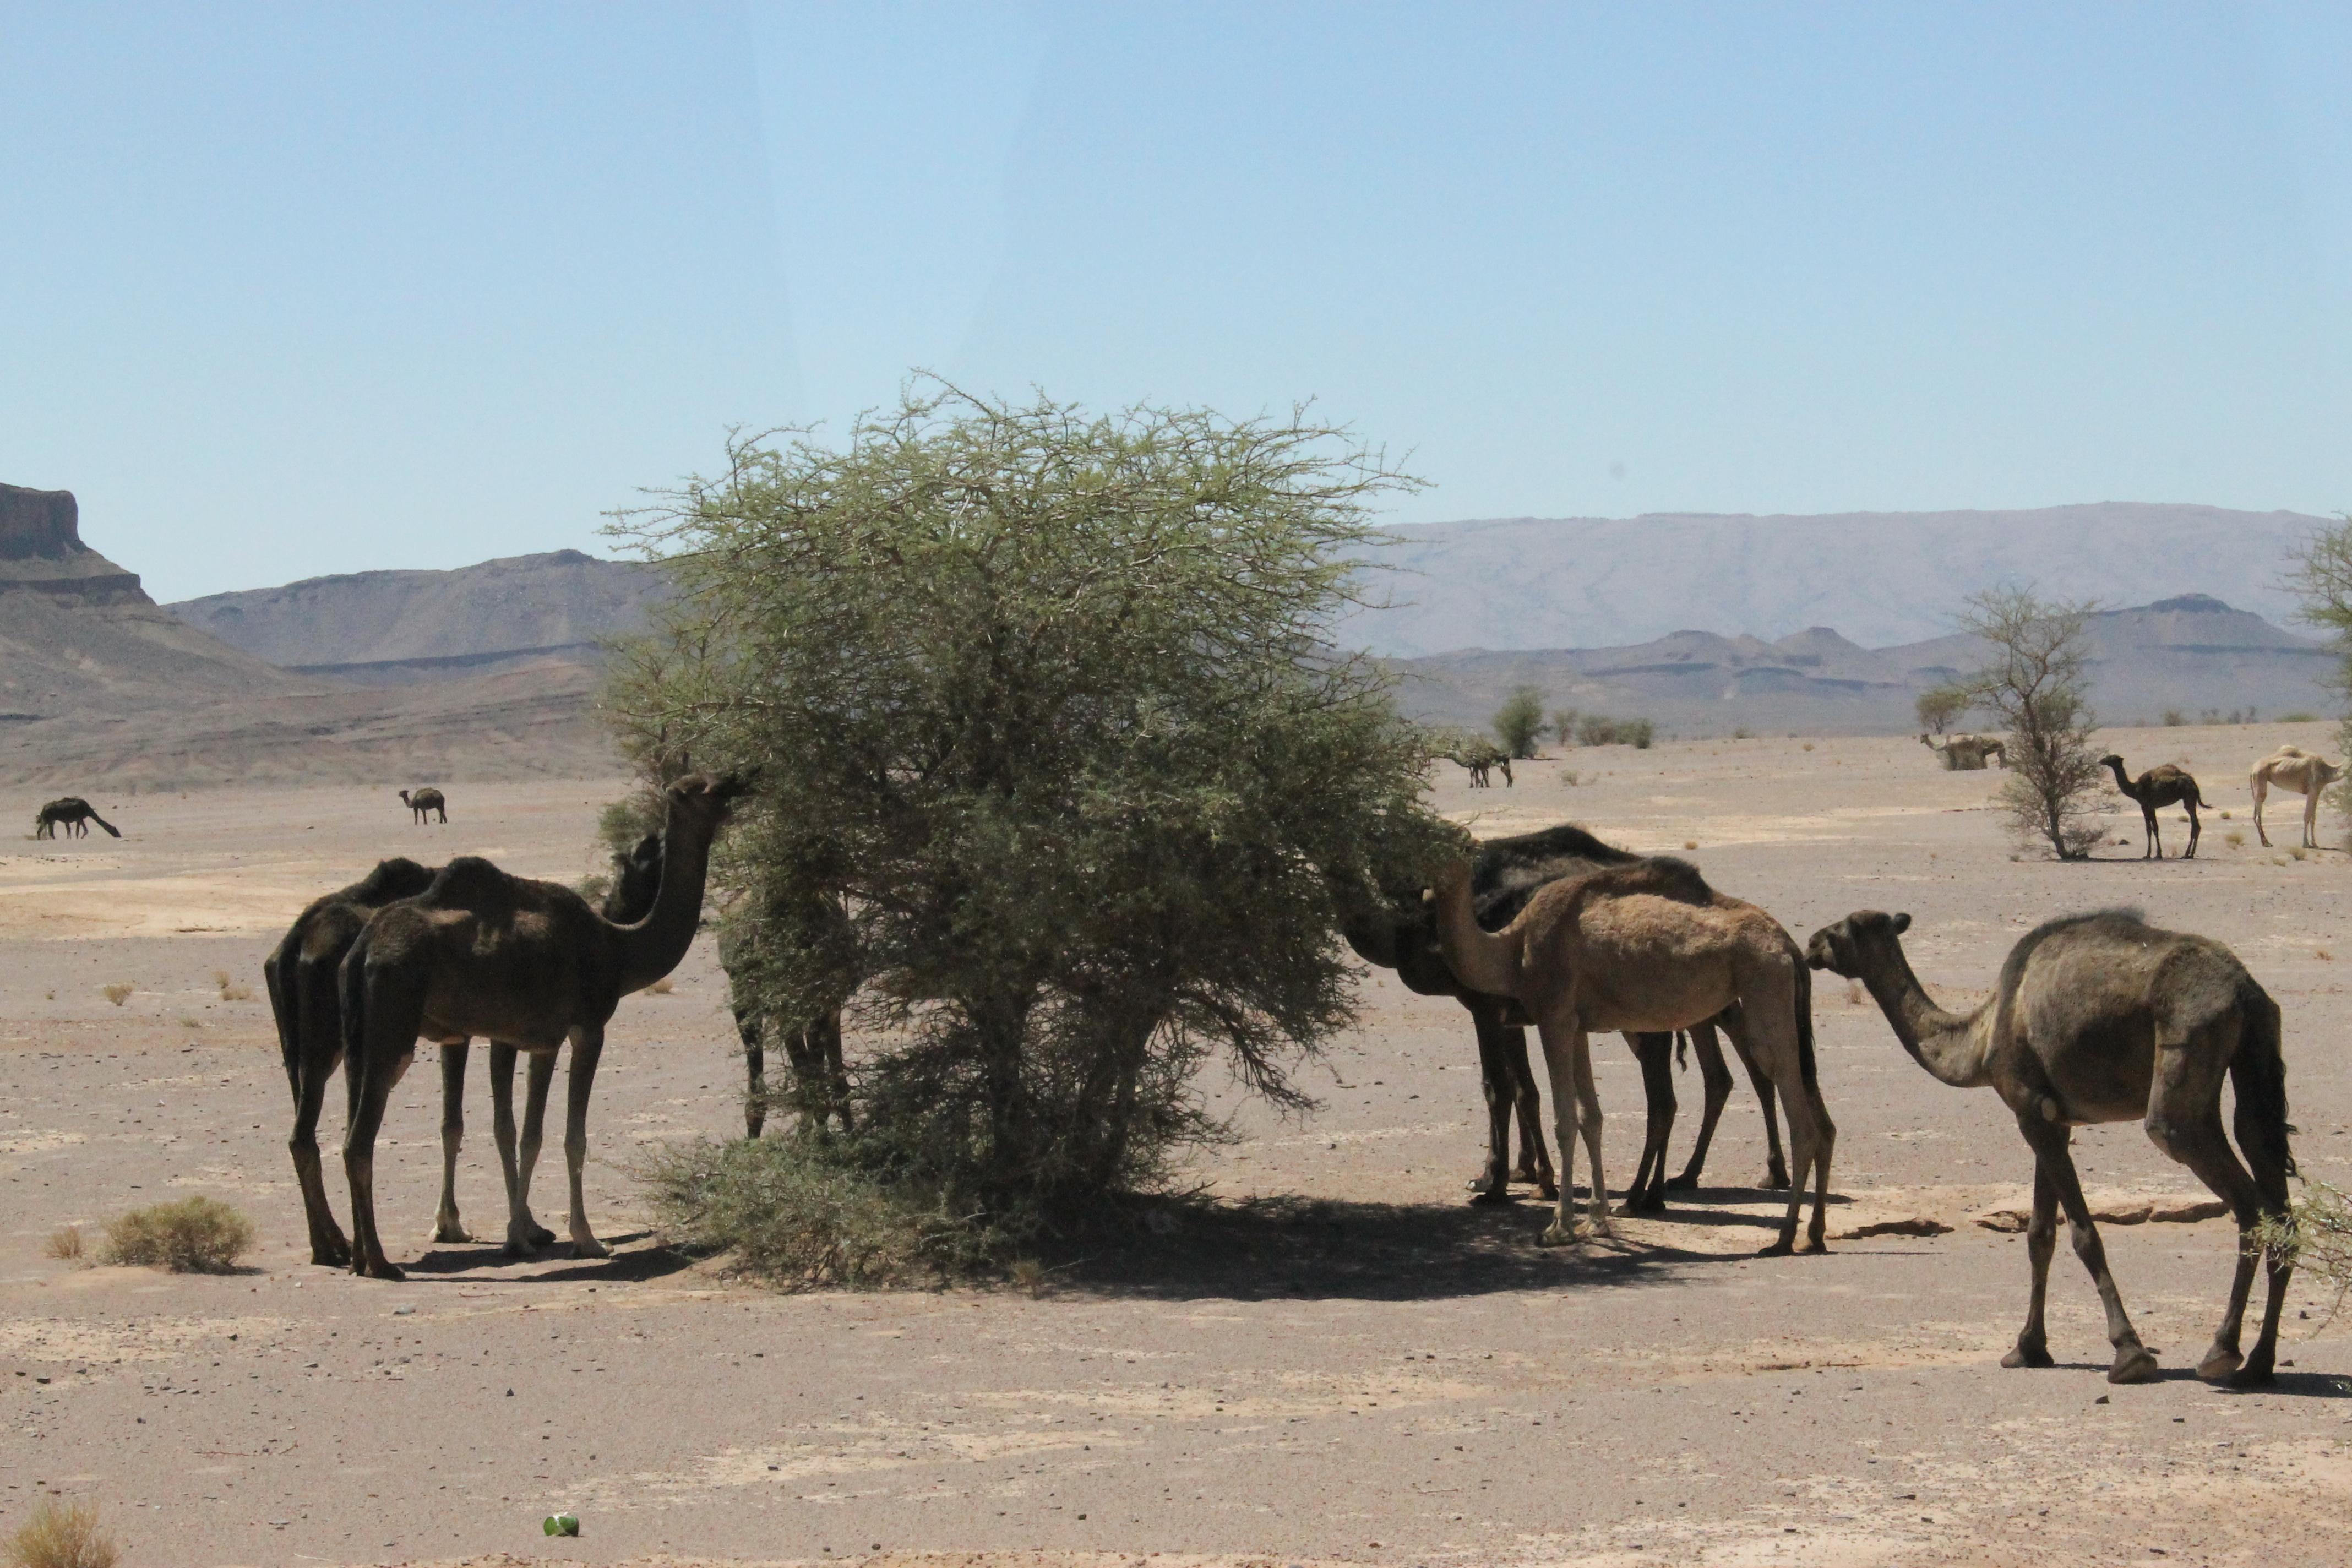 Des dromadaires dans le désert marocain